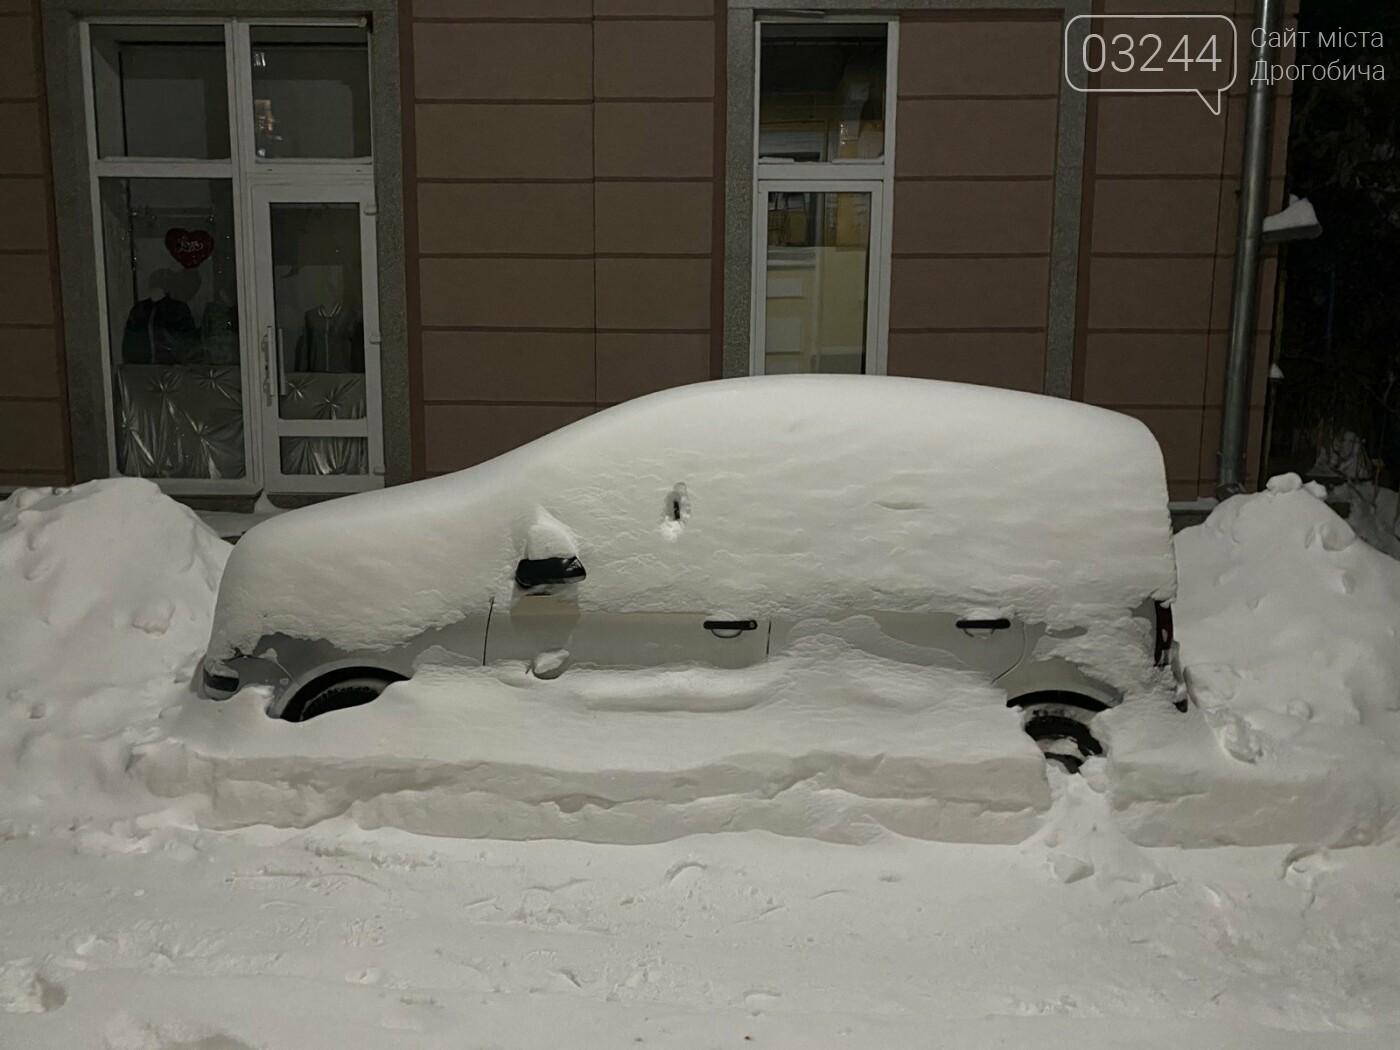 Притрусило: негода перетворила автівки, які не виїжджали кілька днів, на снігові кургани, - ФОТОРЕПОРТАЖ, фото-12